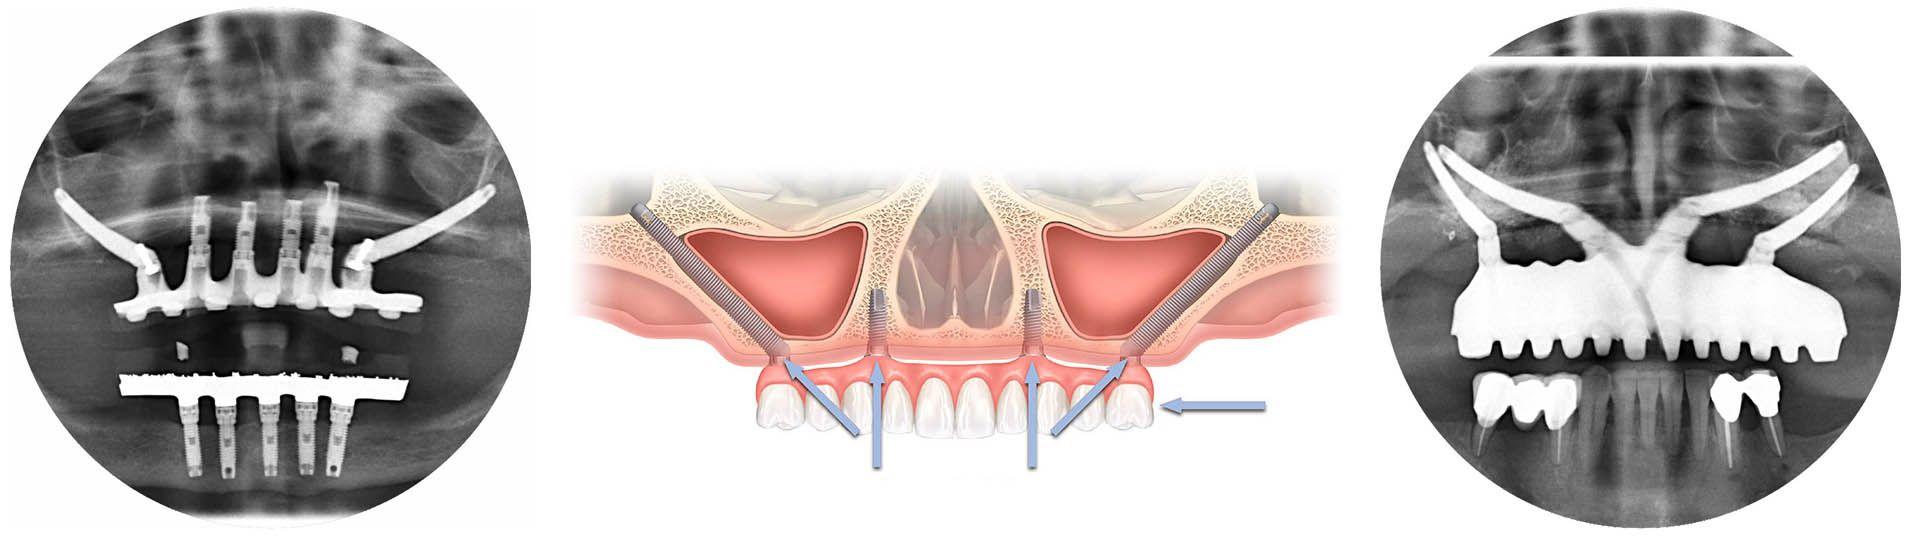 De izquierda a derecha: Estado actual de un caso de implantes cigomáticos tratado en 1999, esquema de cigomáticos anclados al hueso malar y caso Quad Zygoma tratado en 2013